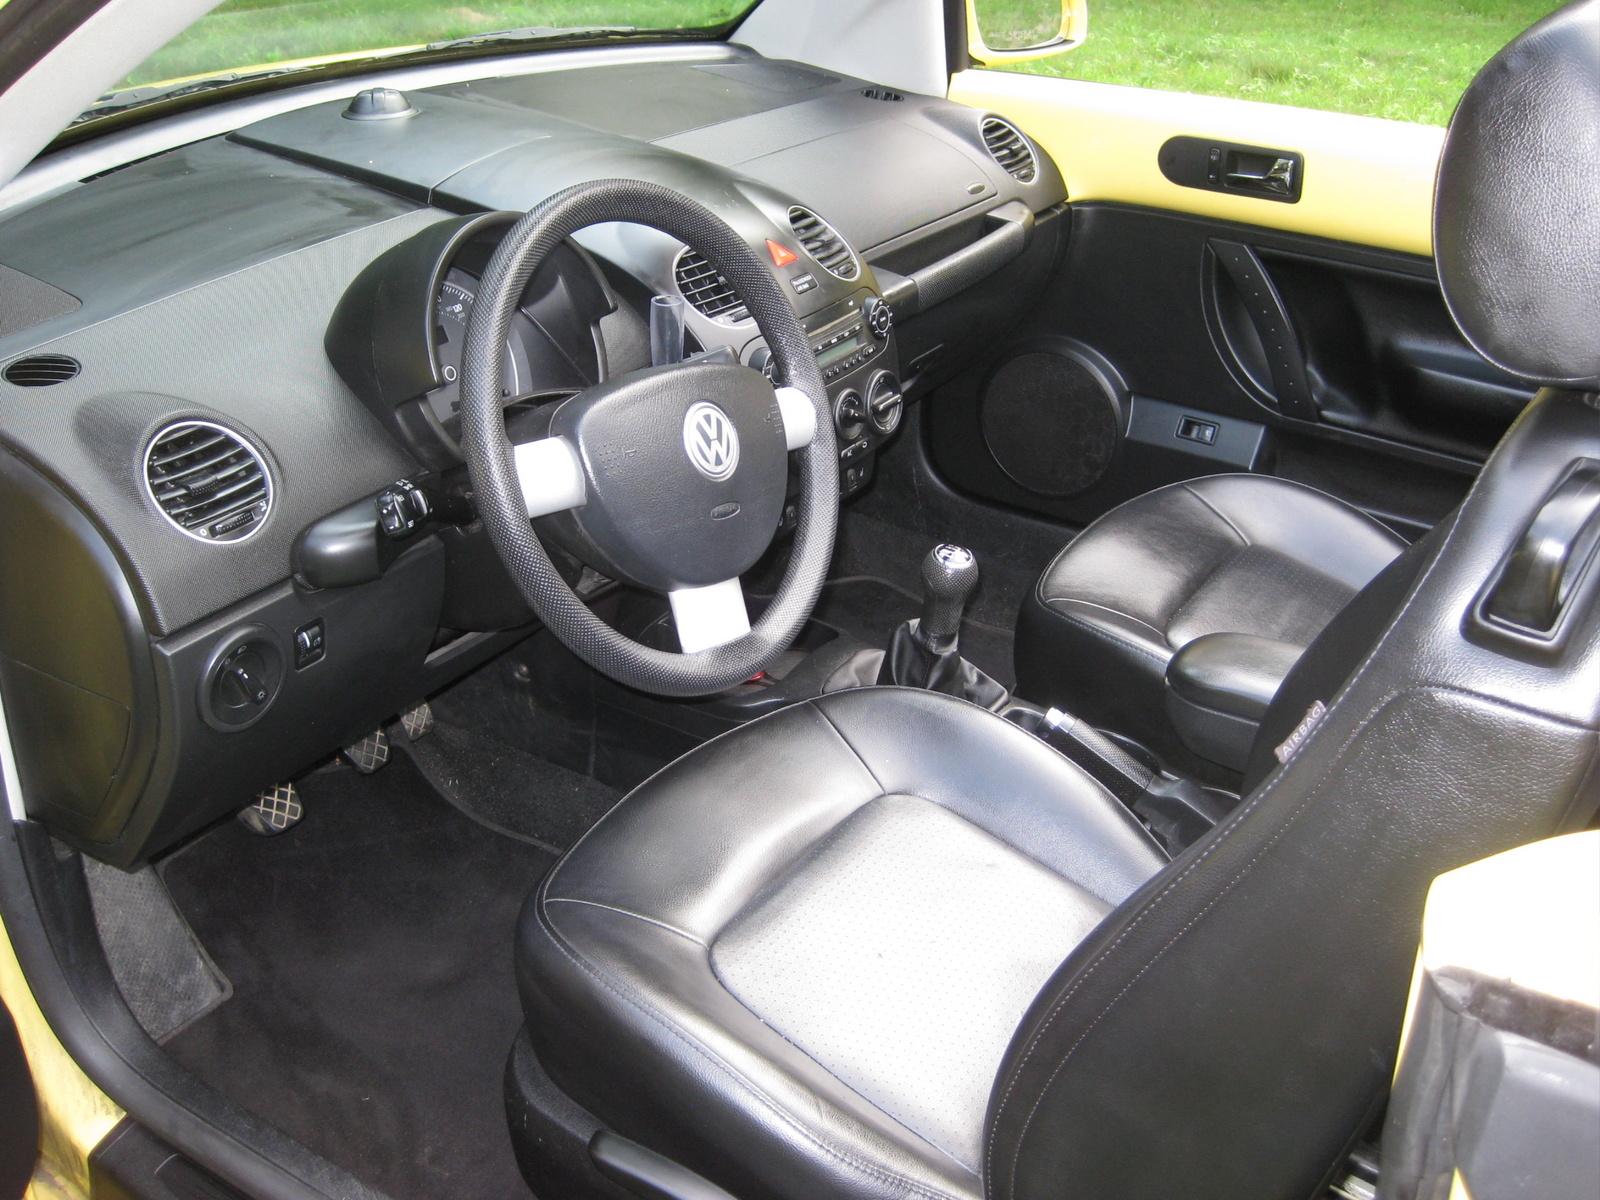 2008 Volkswagen Beetle Pictures Cargurus